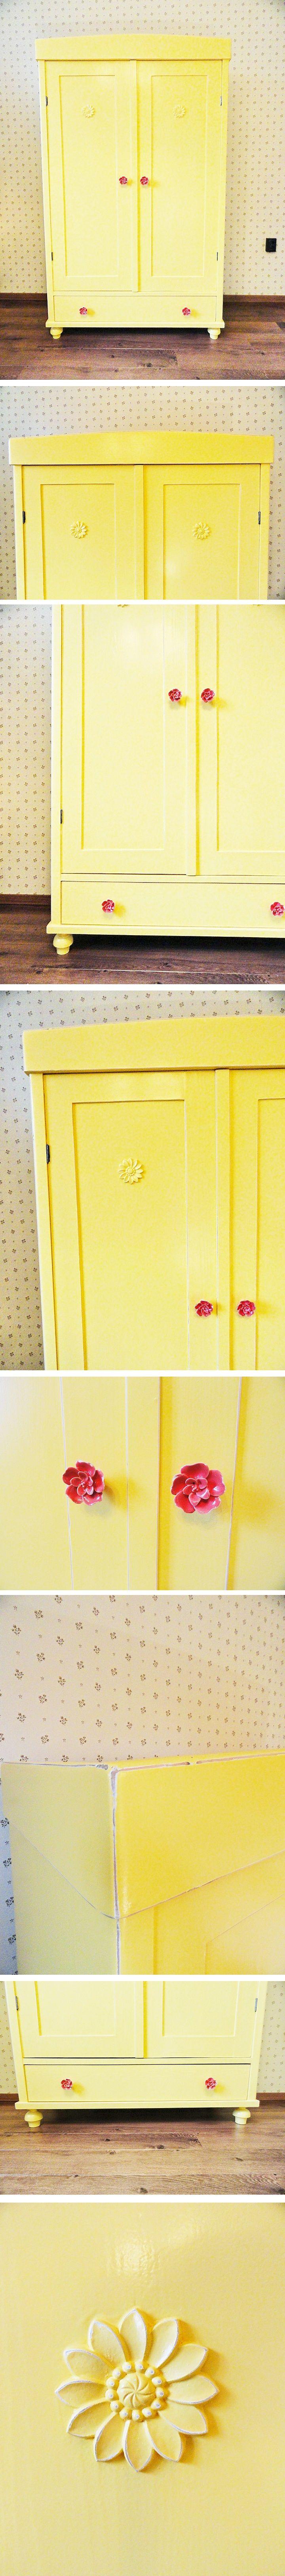 ST90 Vintázs ruhásszekrény - Vintage wardrobe - Flower power